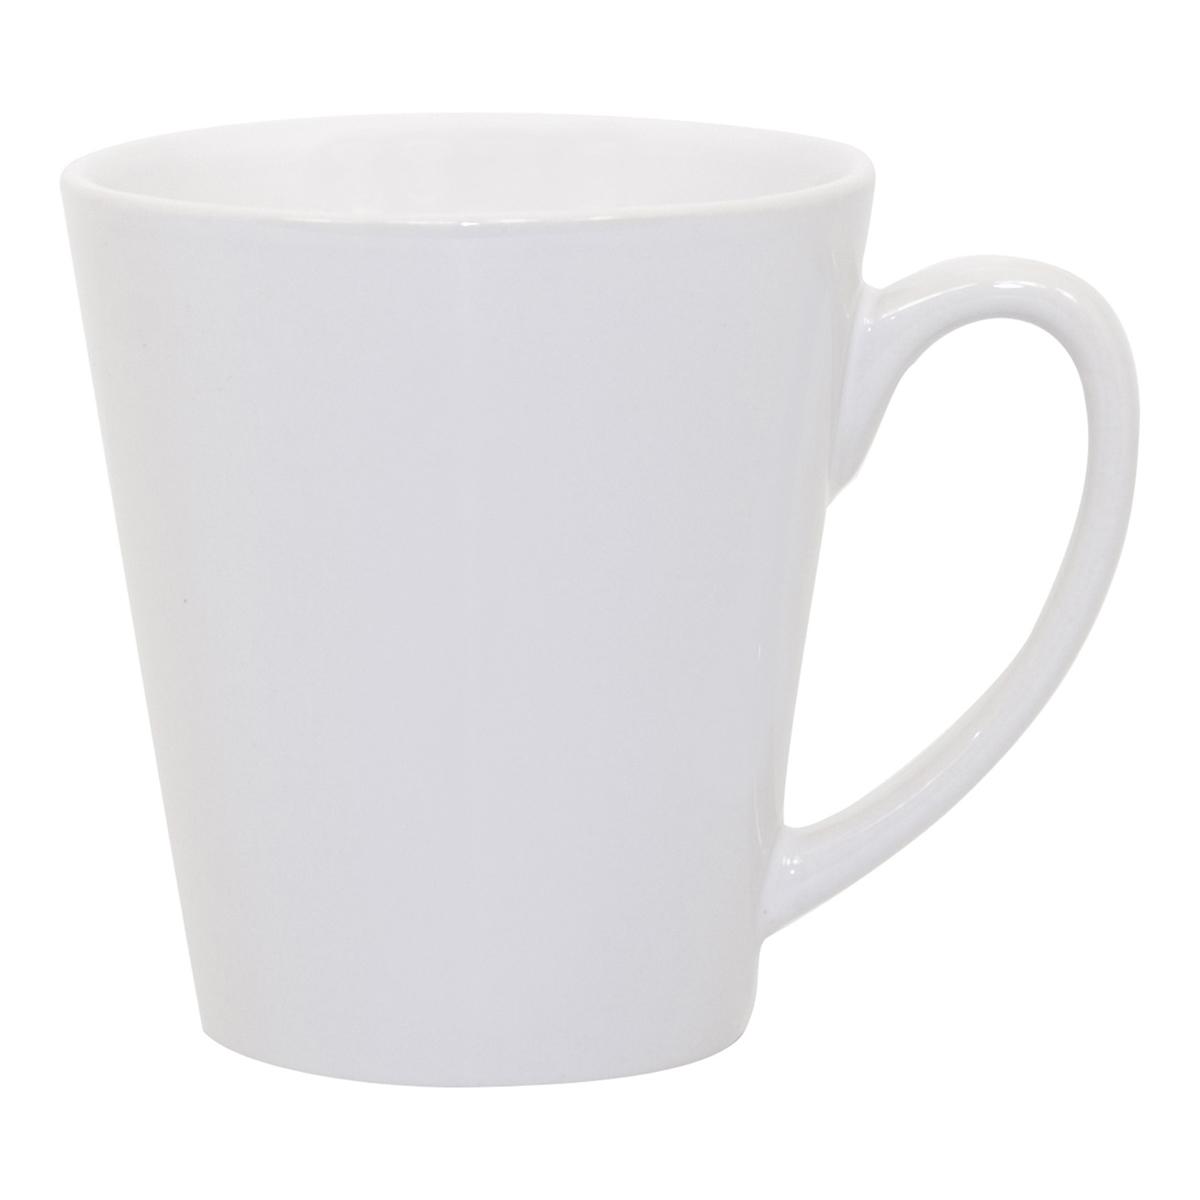 mug   oz - latte mug   oz